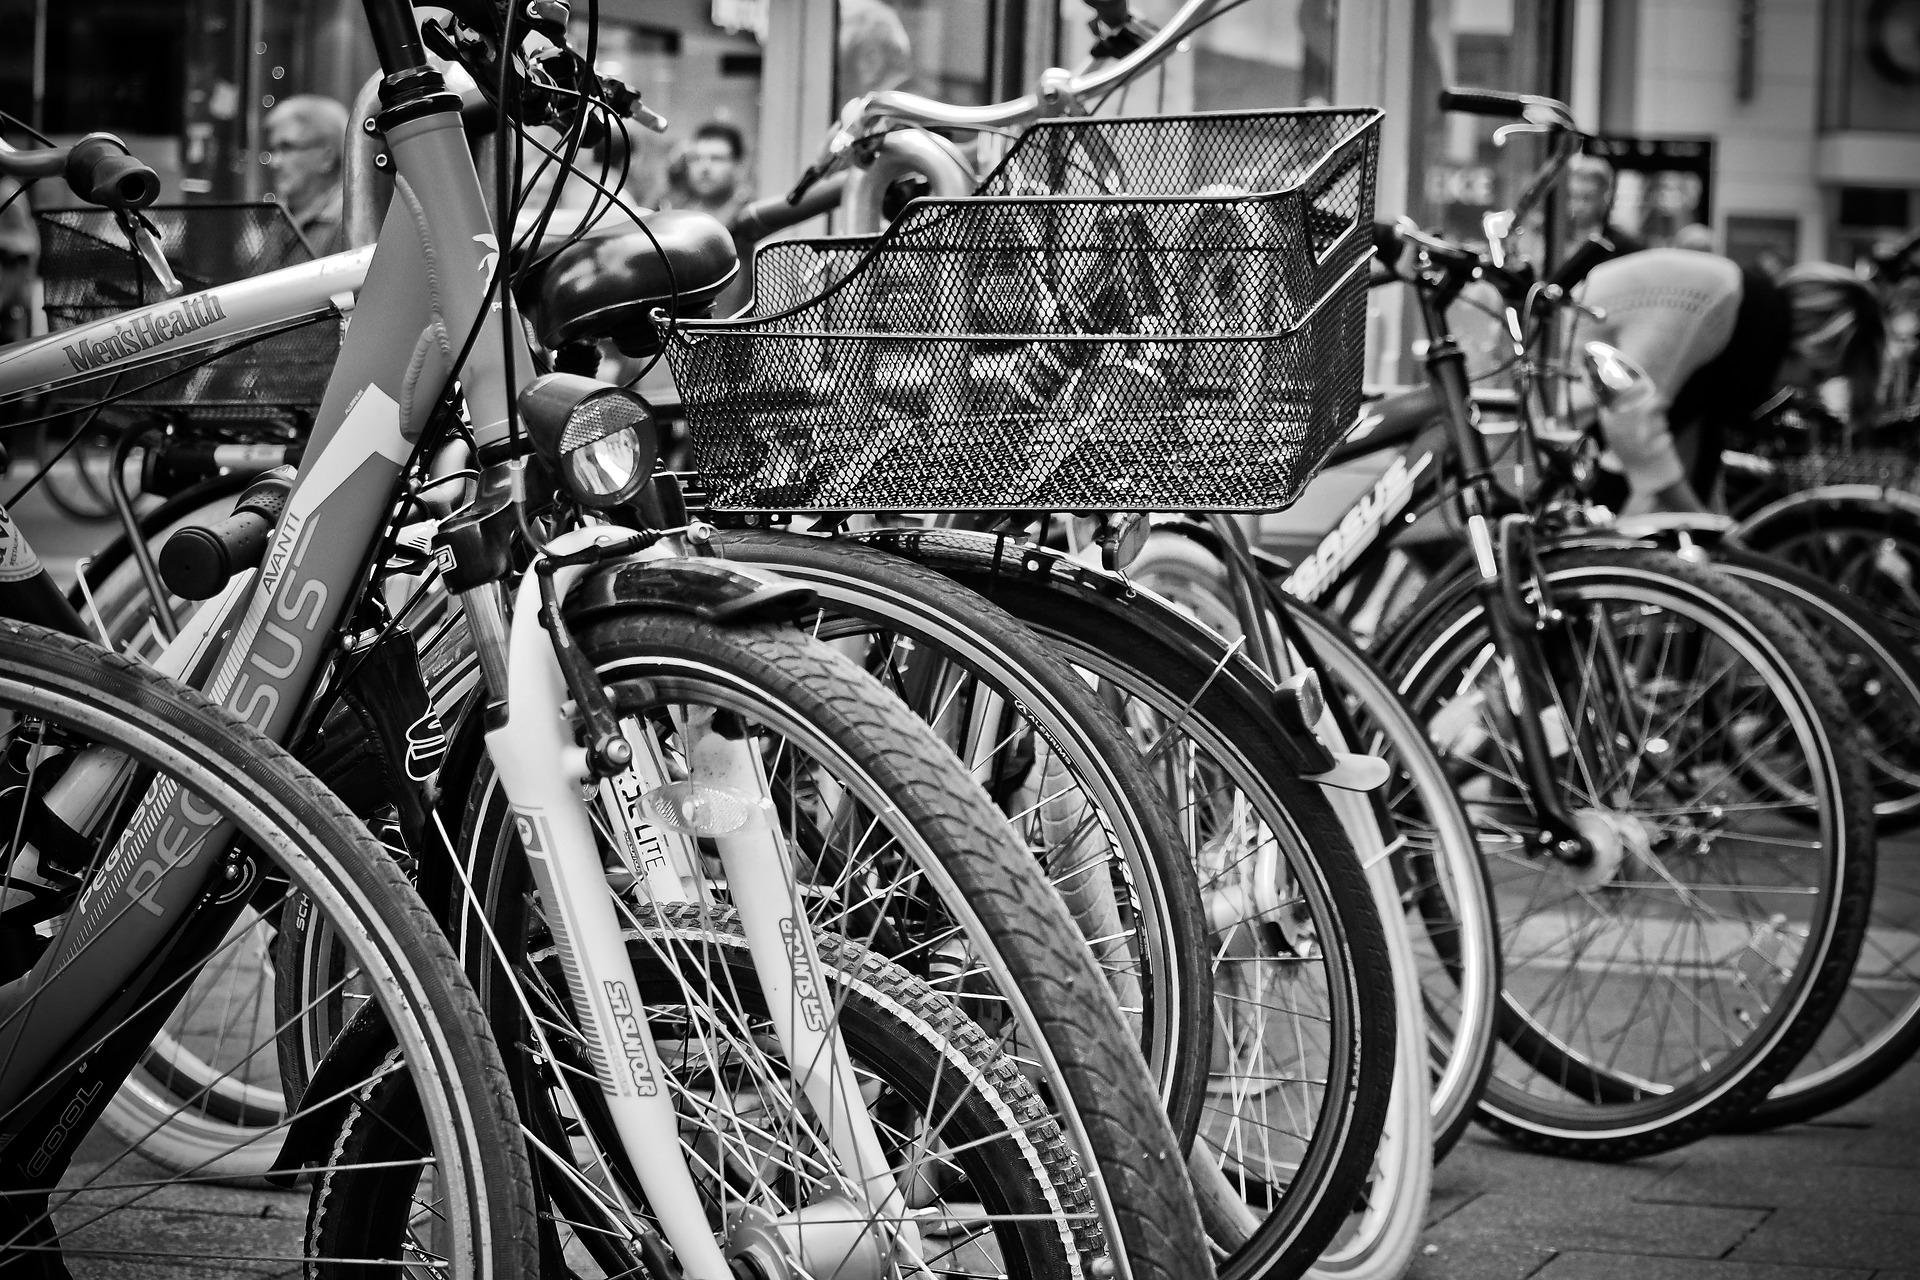 Drei verletzte Radfahrer am Wochenende: Polizei appeliert